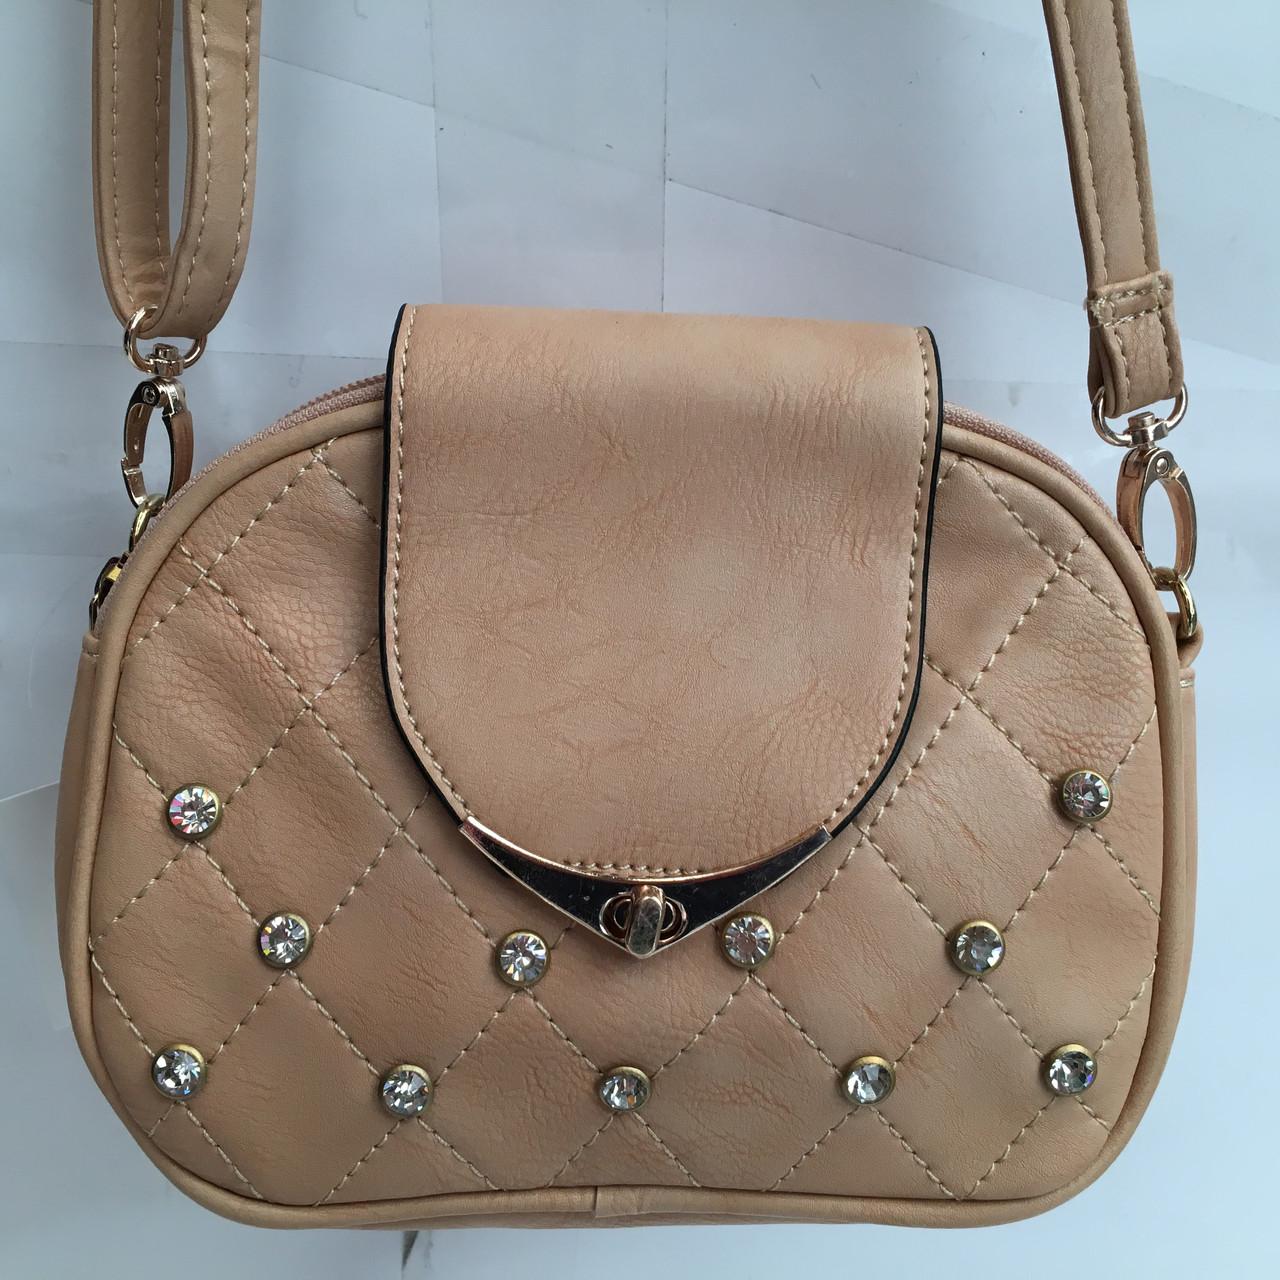 798a57d254a4 Китай диагональные сумки\\кожаные ткани PU оптом: продажа, цена в ...